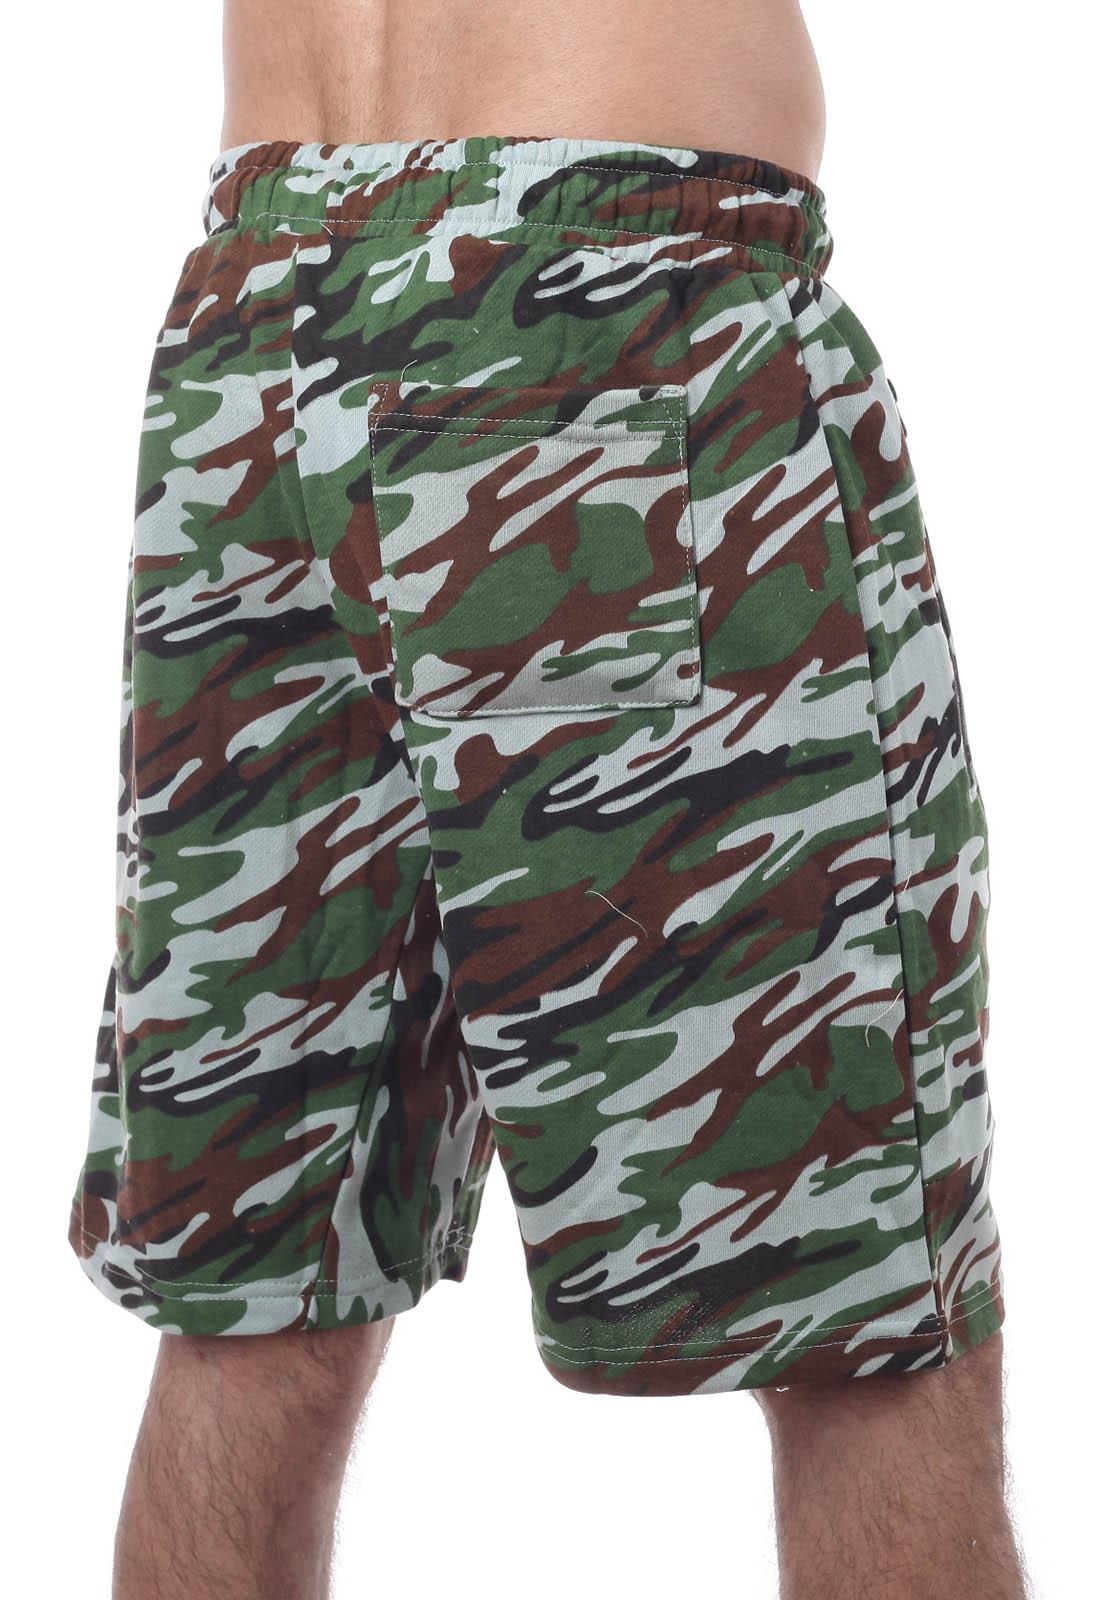 Мужские шорты с карманами от ТМ New York Athletics. Модный стиль милитари